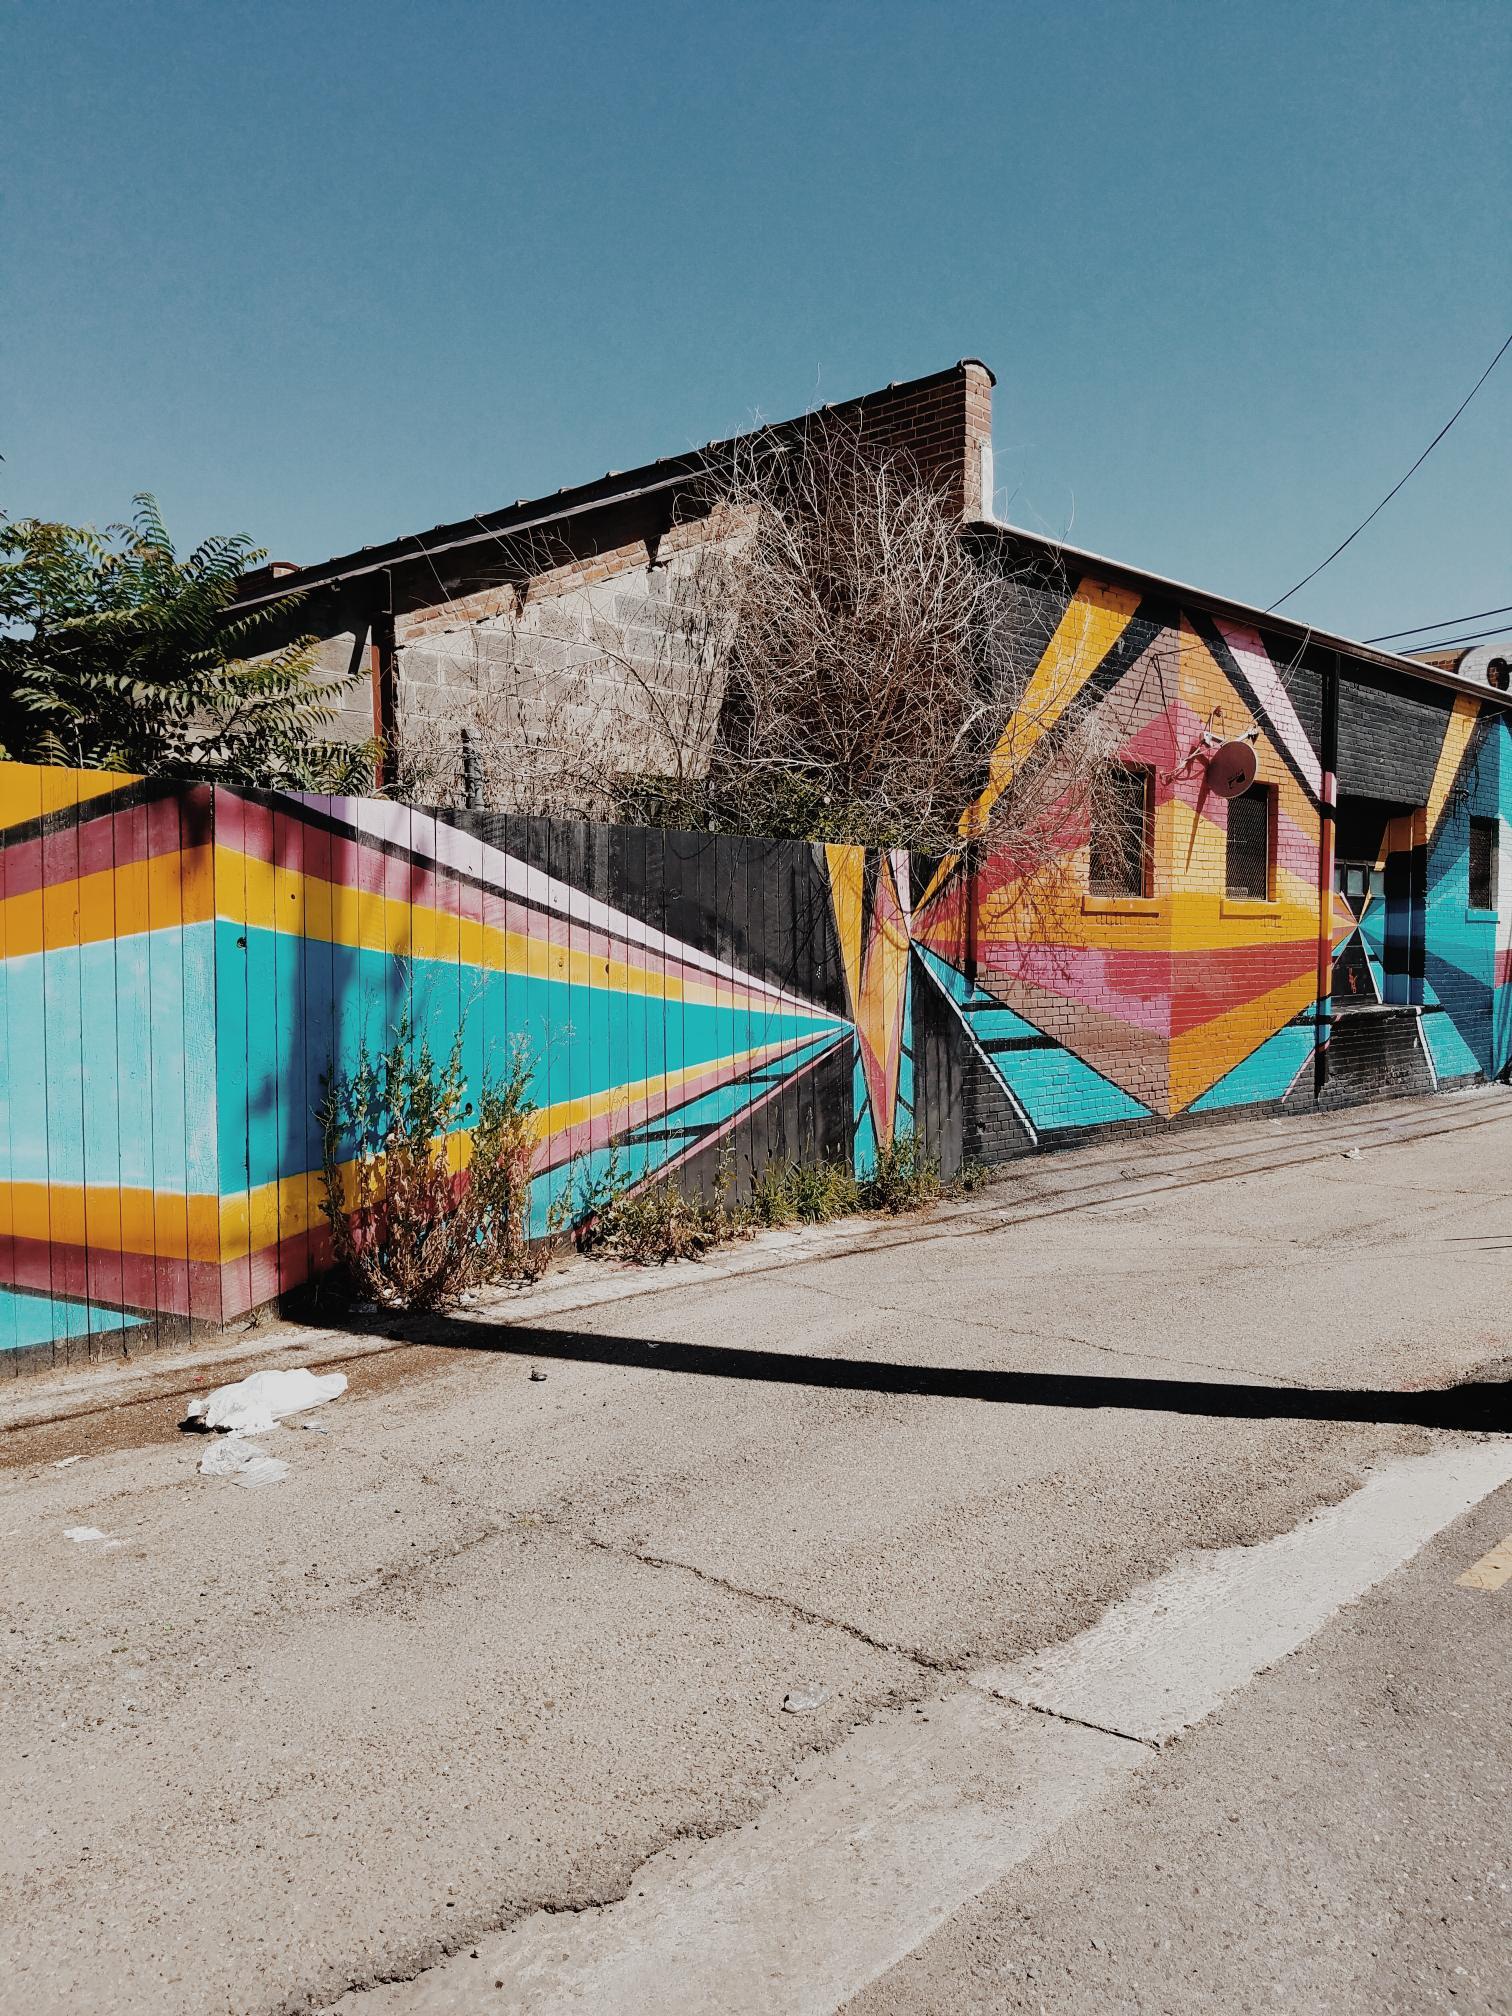 Rino Murals